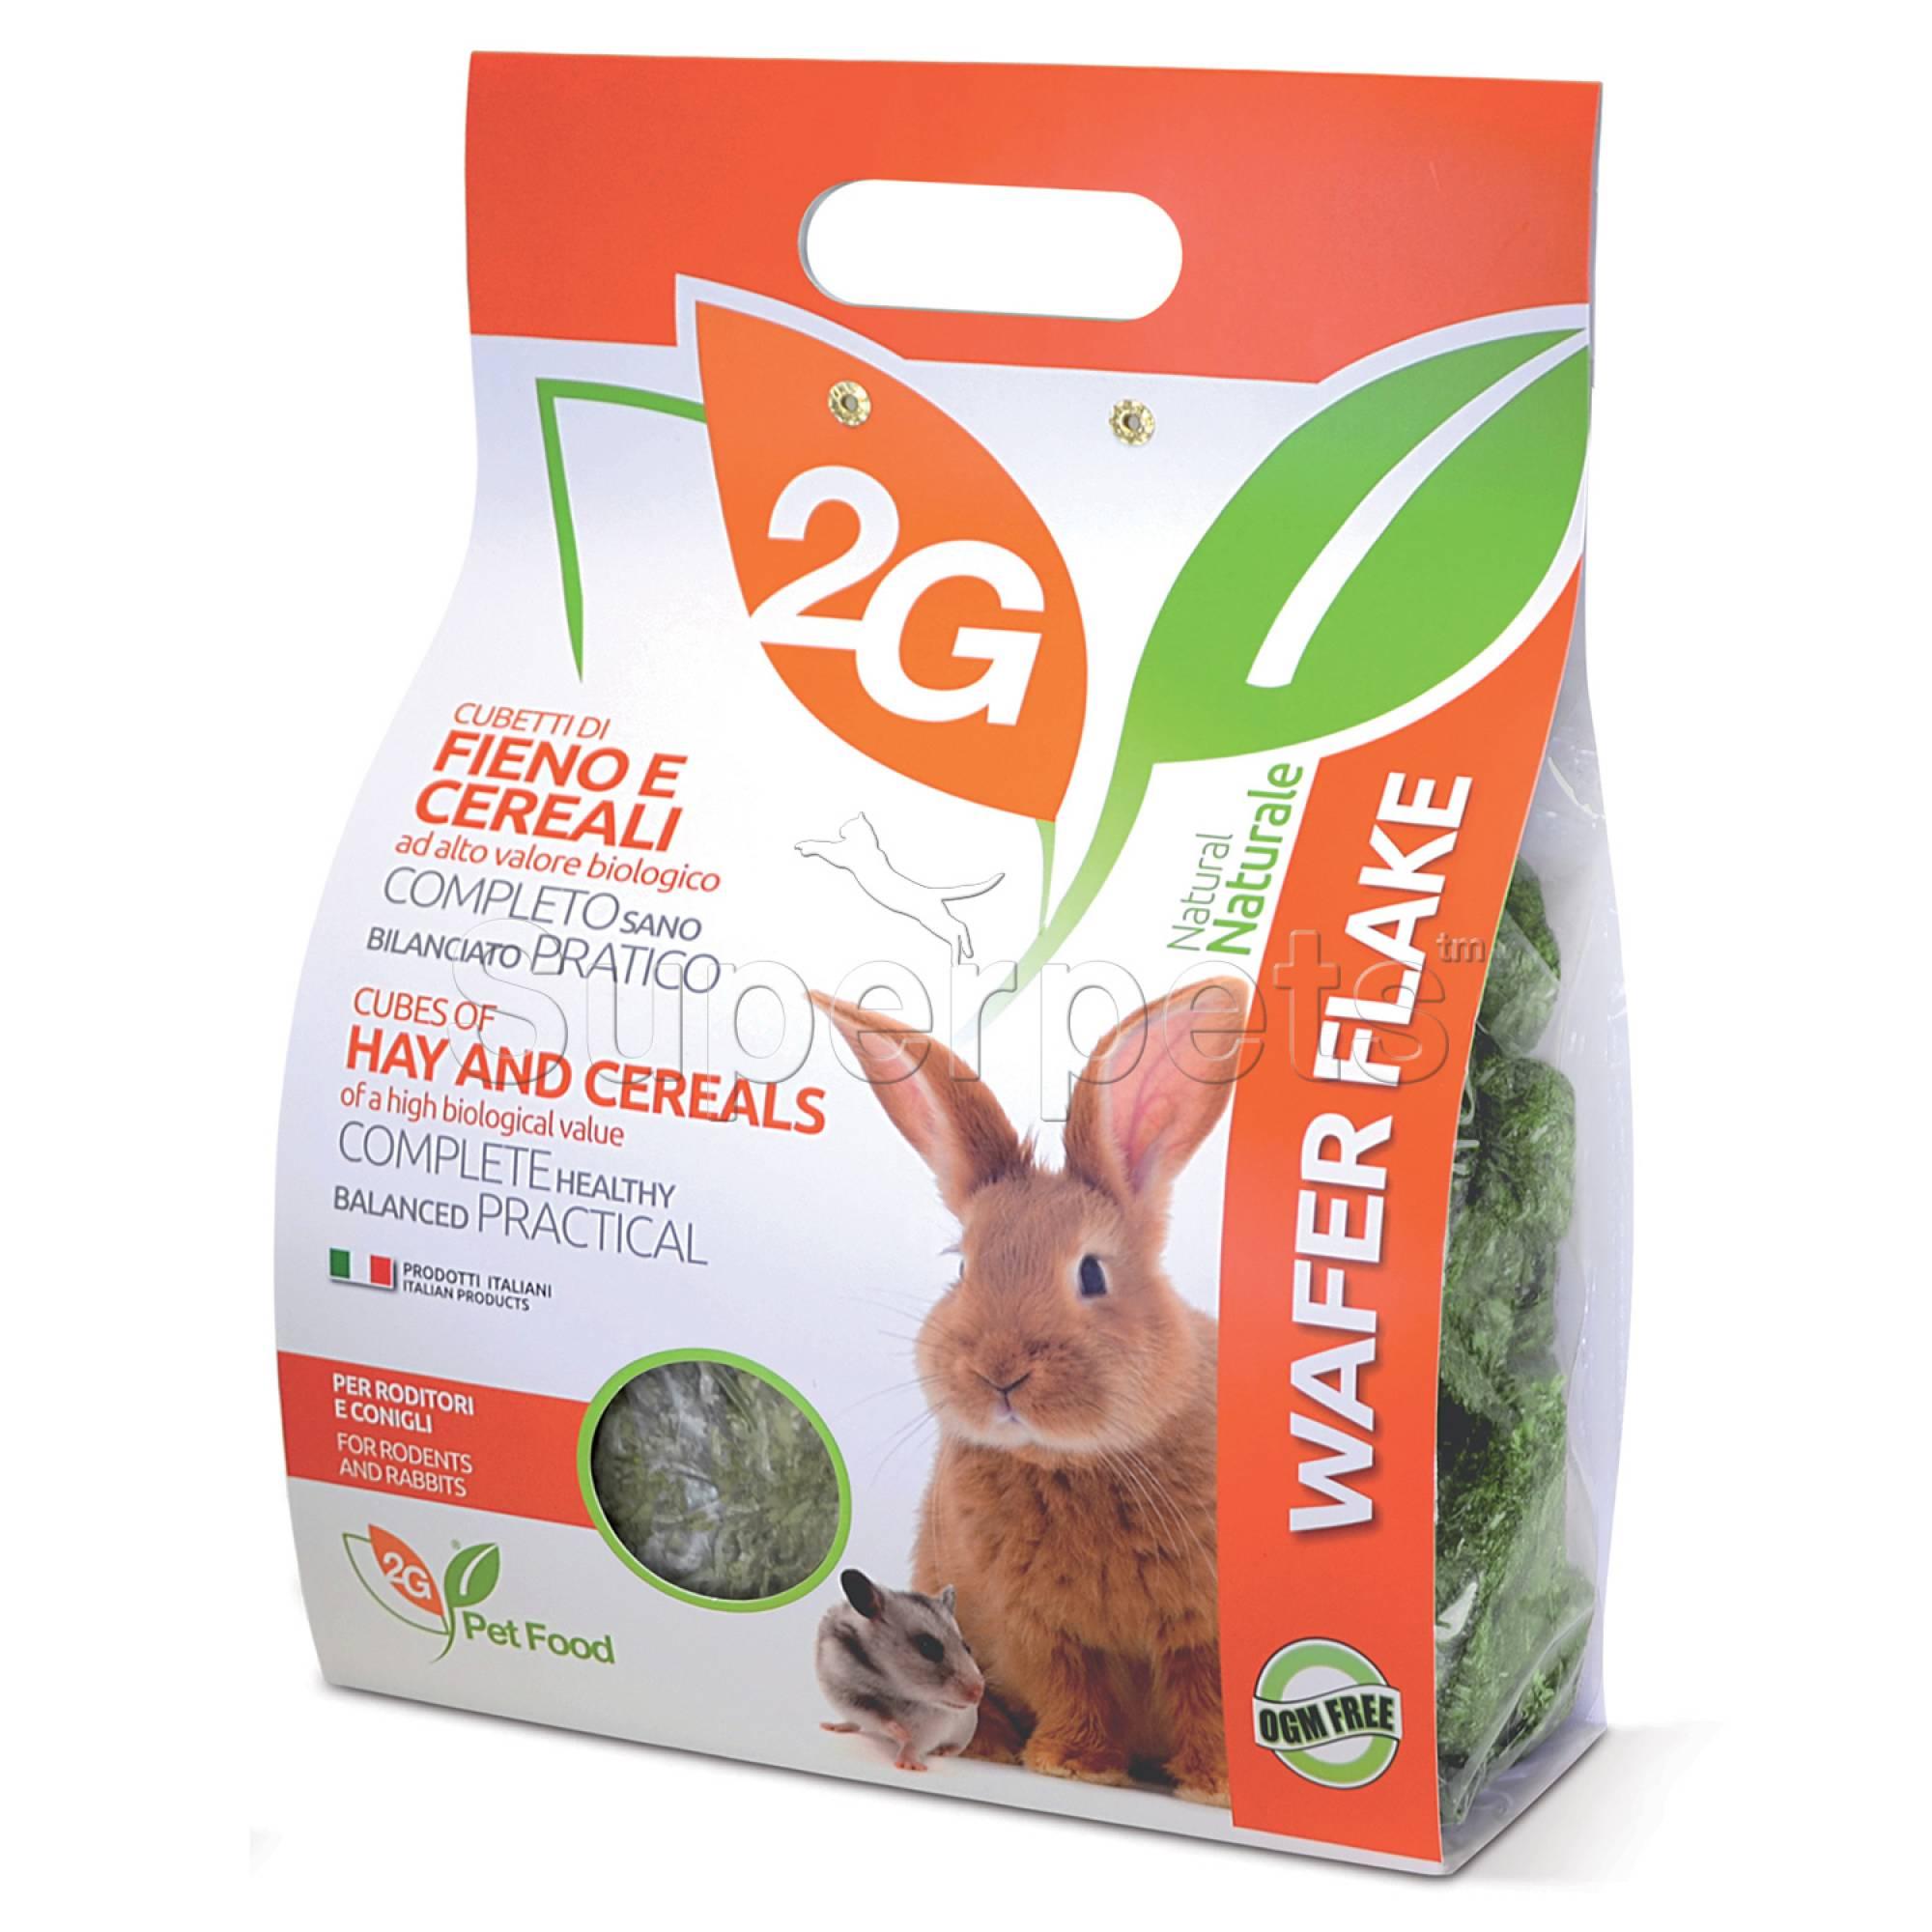 2G Pet Food - Wafer Flake 2kg